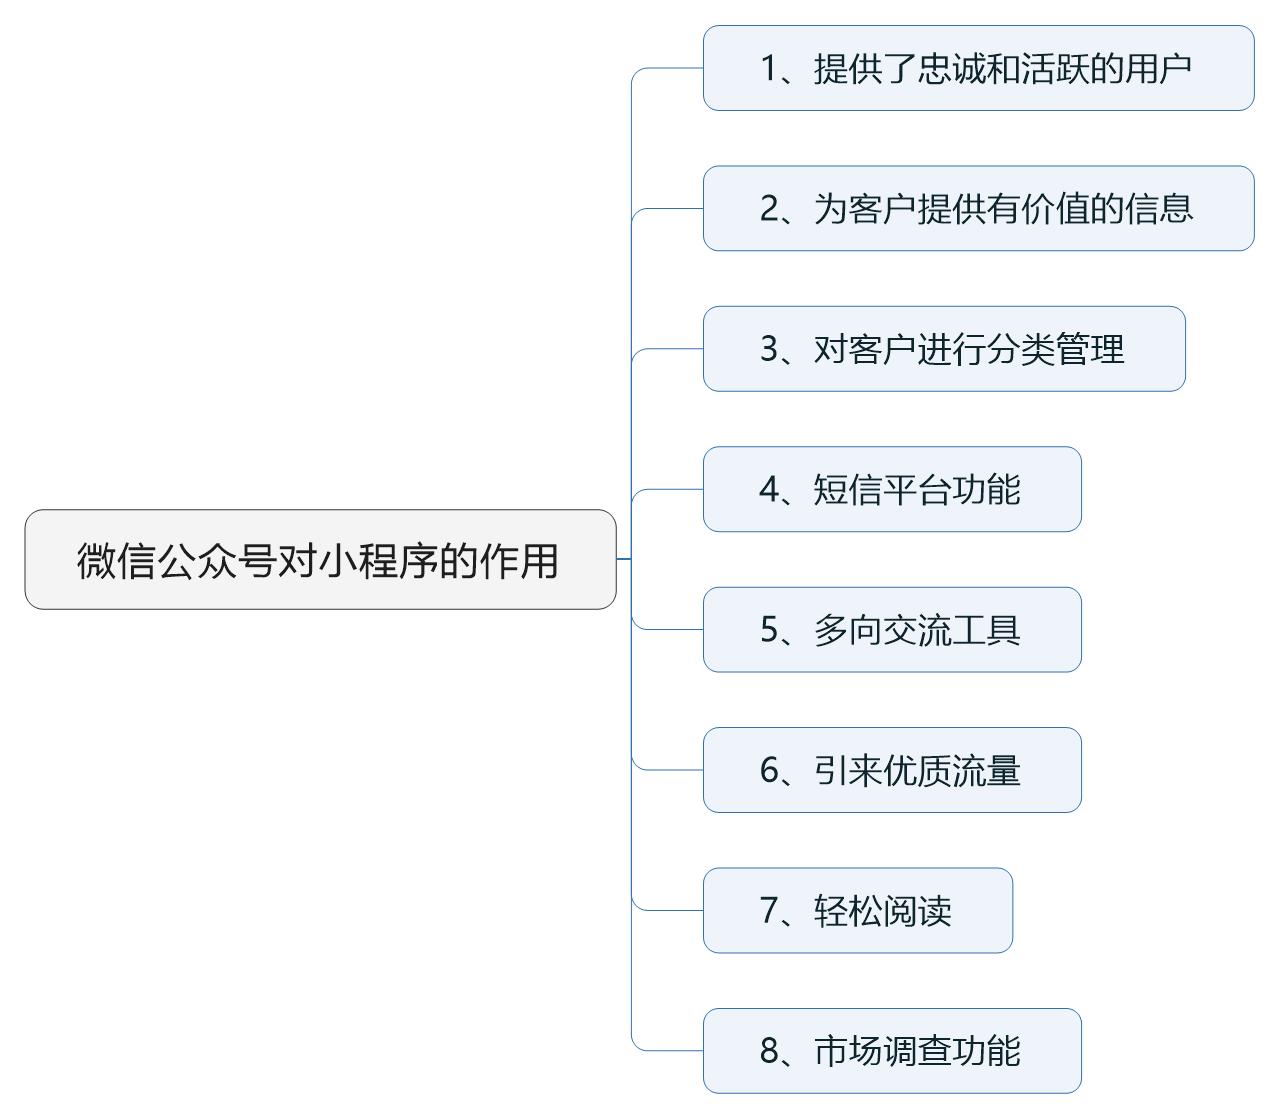 公众号对小程序作用.png